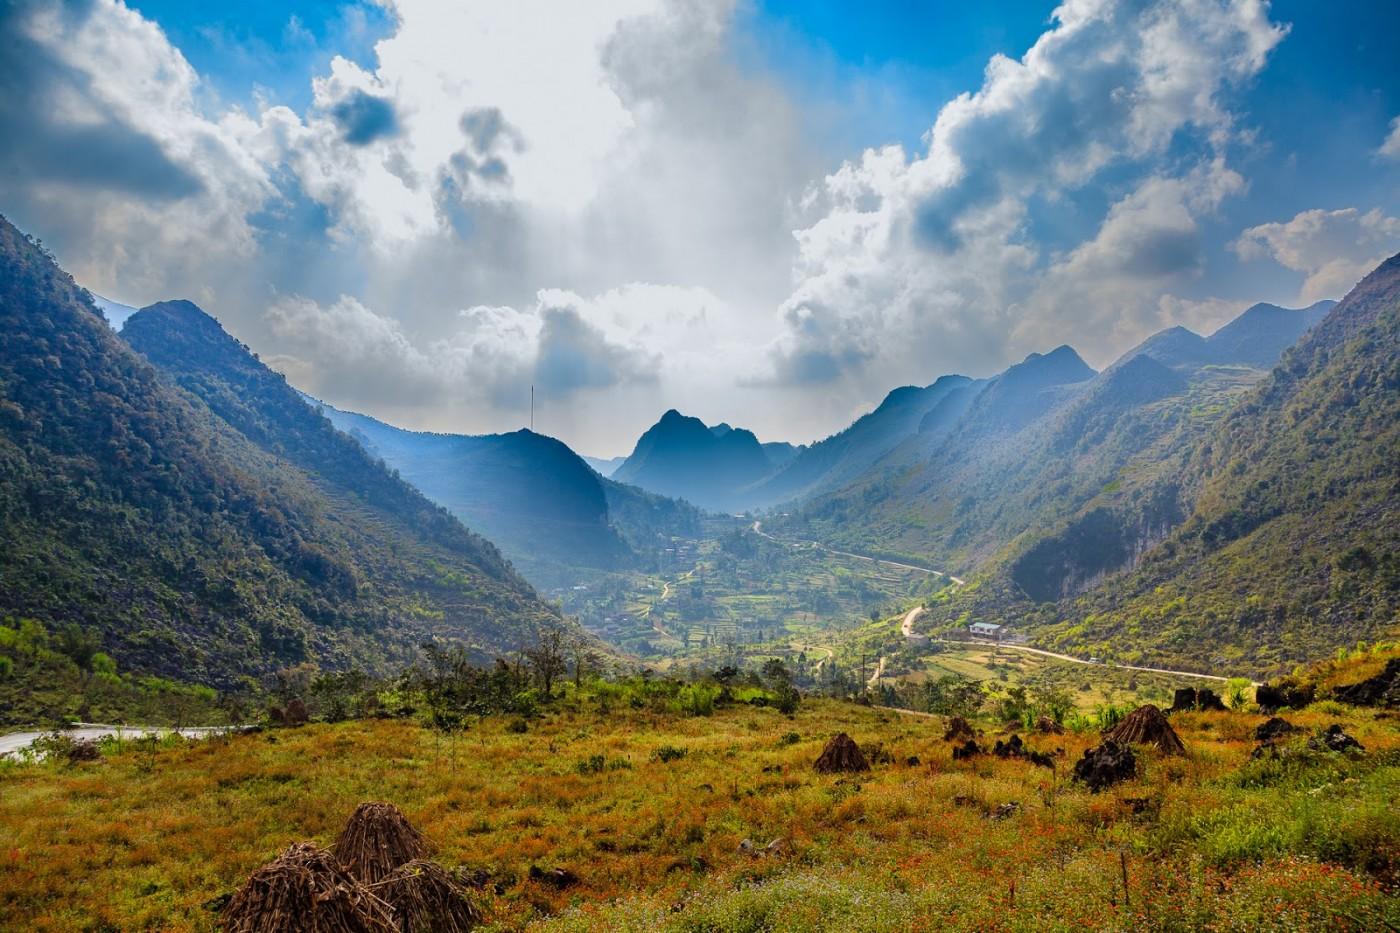 danh lam thắng cảnh miền bắc Cao nguyên đá Đồng Văn